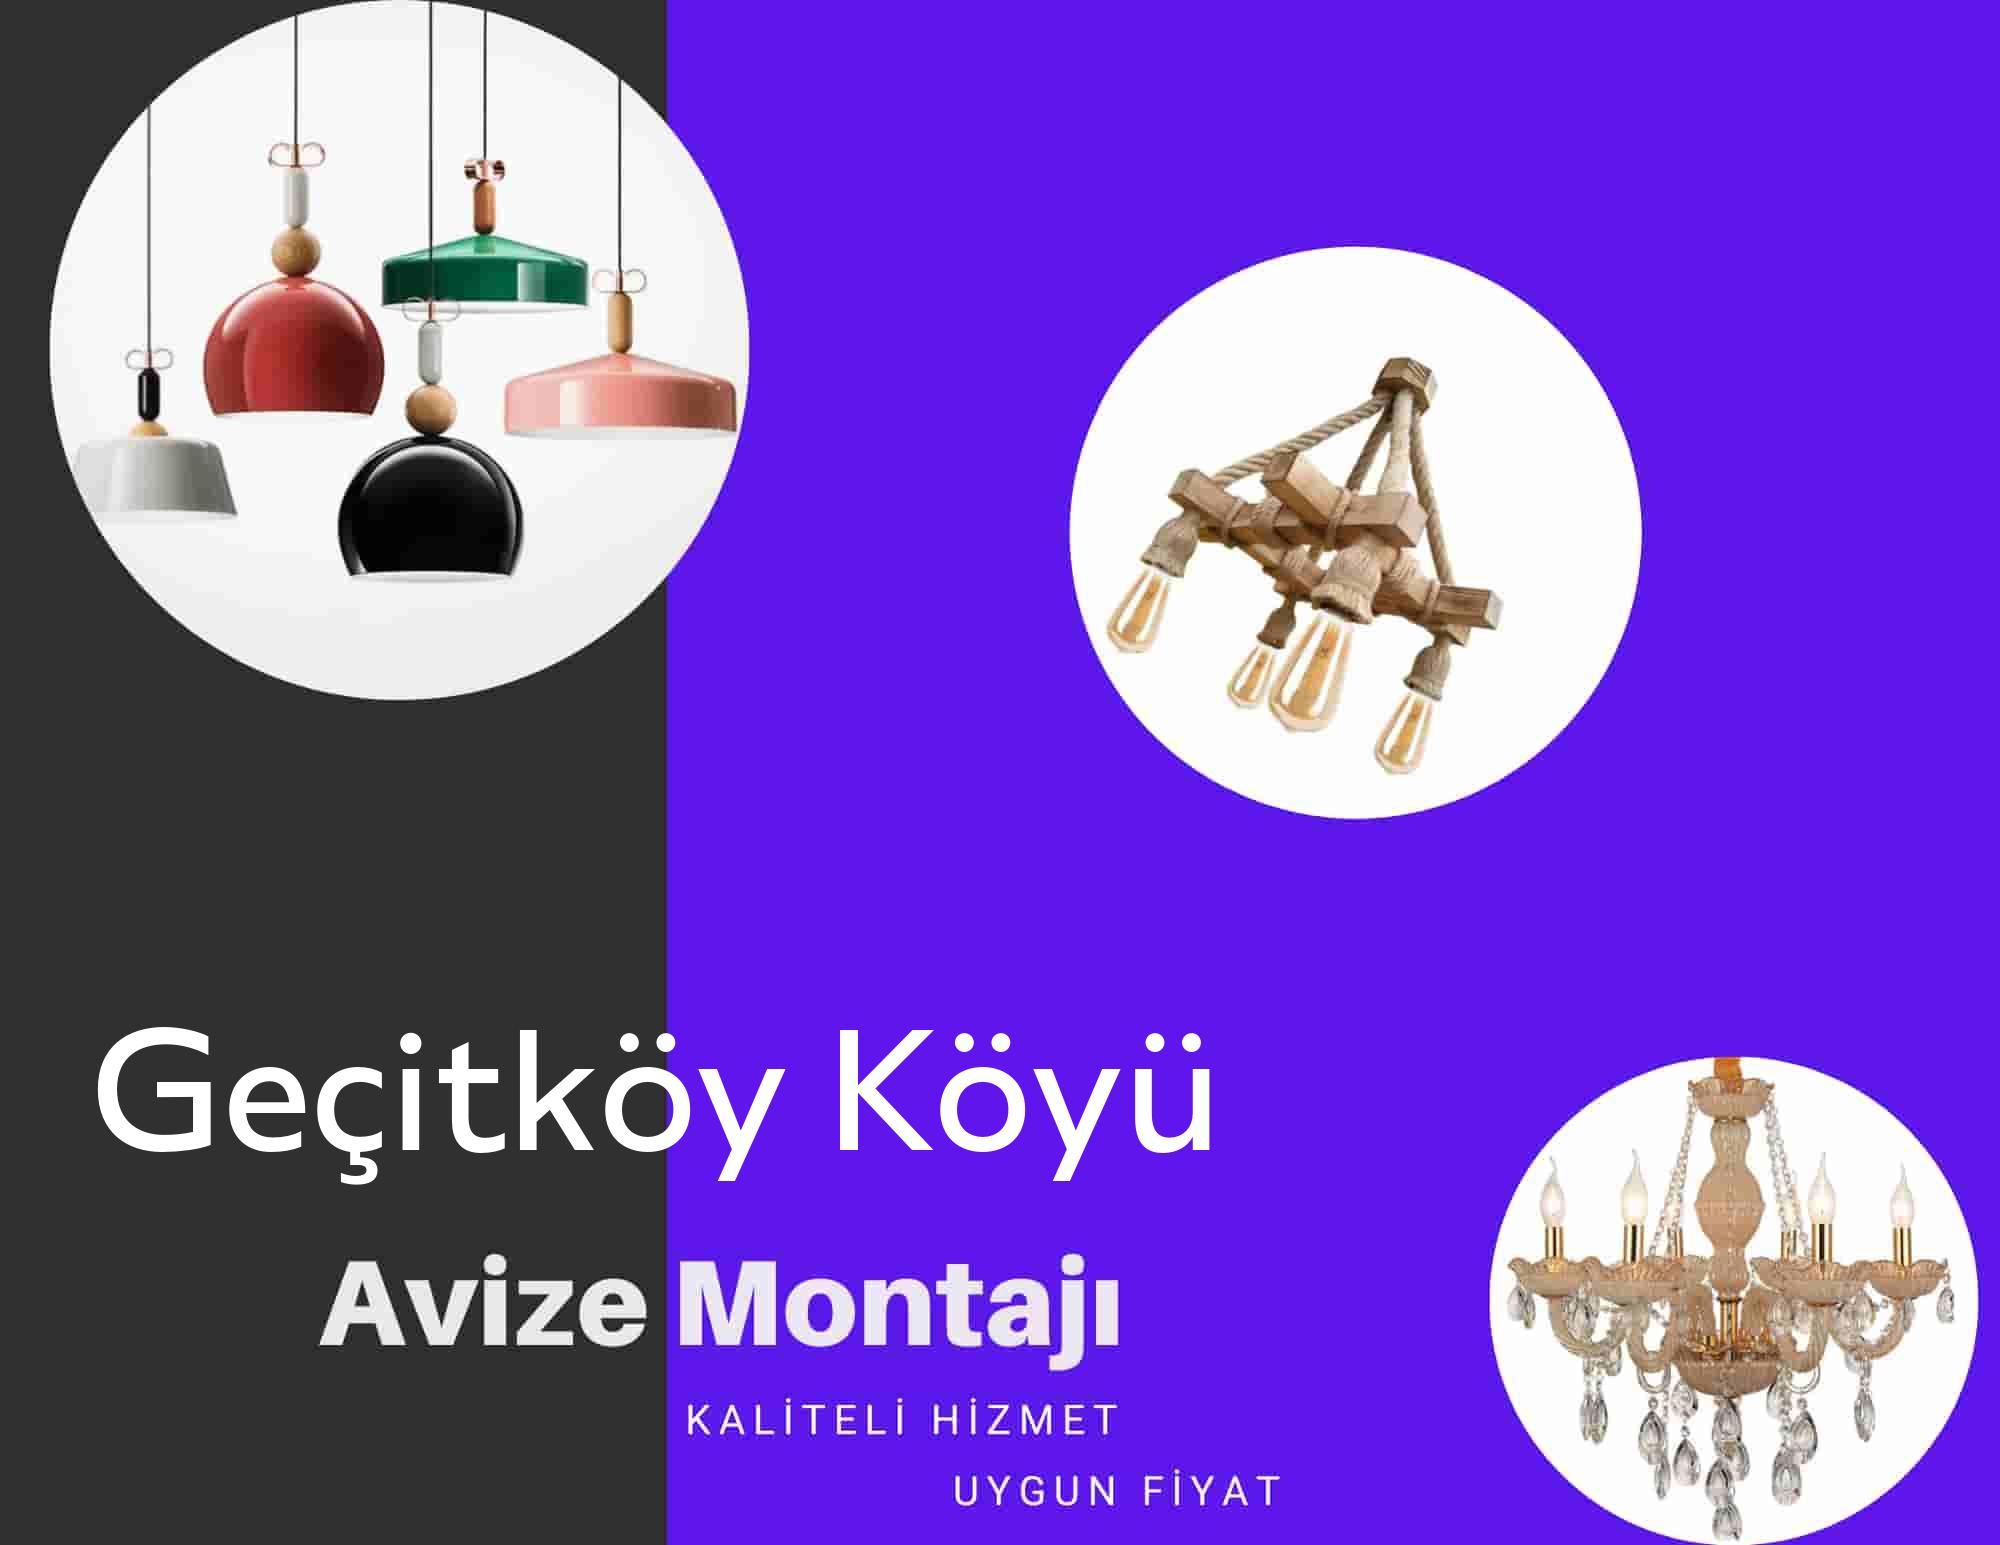 Geçitköy Köyüde avize montajı yapan yerler arıyorsanız elektrikcicagir anında size profesyonel avize montajı ustasını yönlendirir.